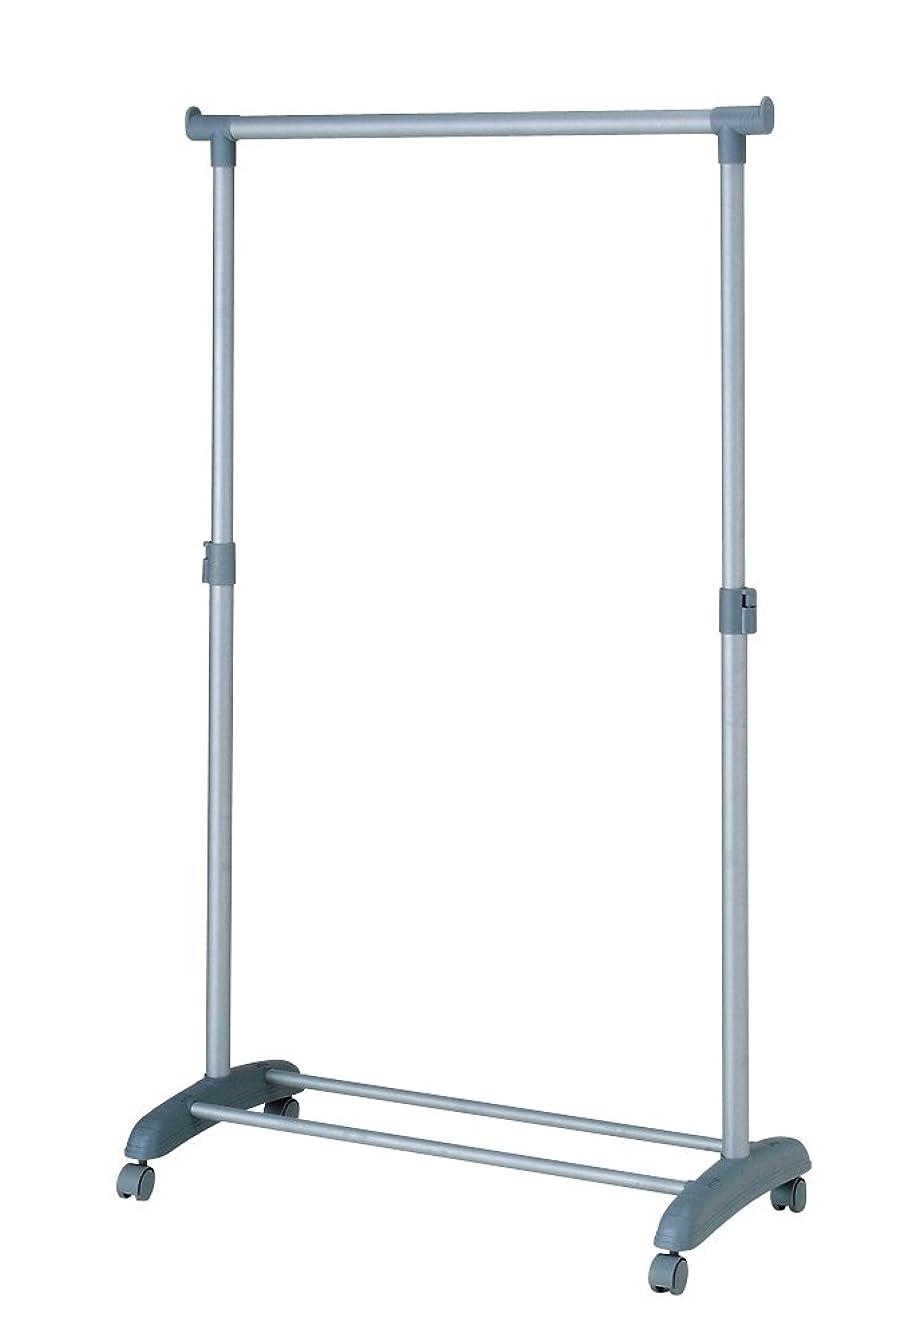 洗うたとえジャーナルパール金属 極太 パイプ ハンガー ラック シングル 耐荷重 20kg 幅 80cm キャスター付き 高さ調節可能 EPO N-9118